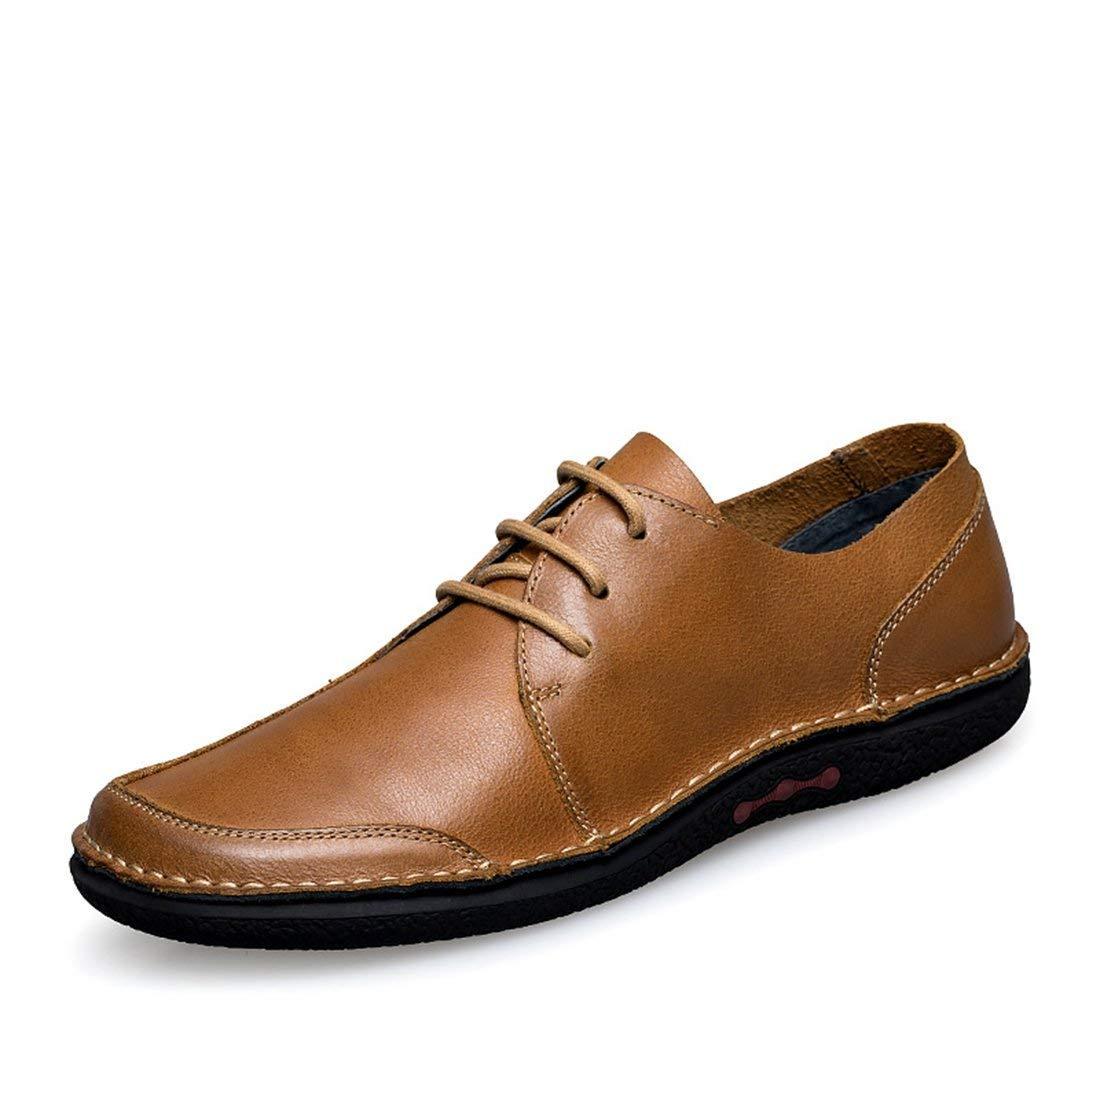 Herren Oxfords-Style Gummisohle Braun Fashion Turnschuhe UK 8.5 (Farbe   -, Größe   -)